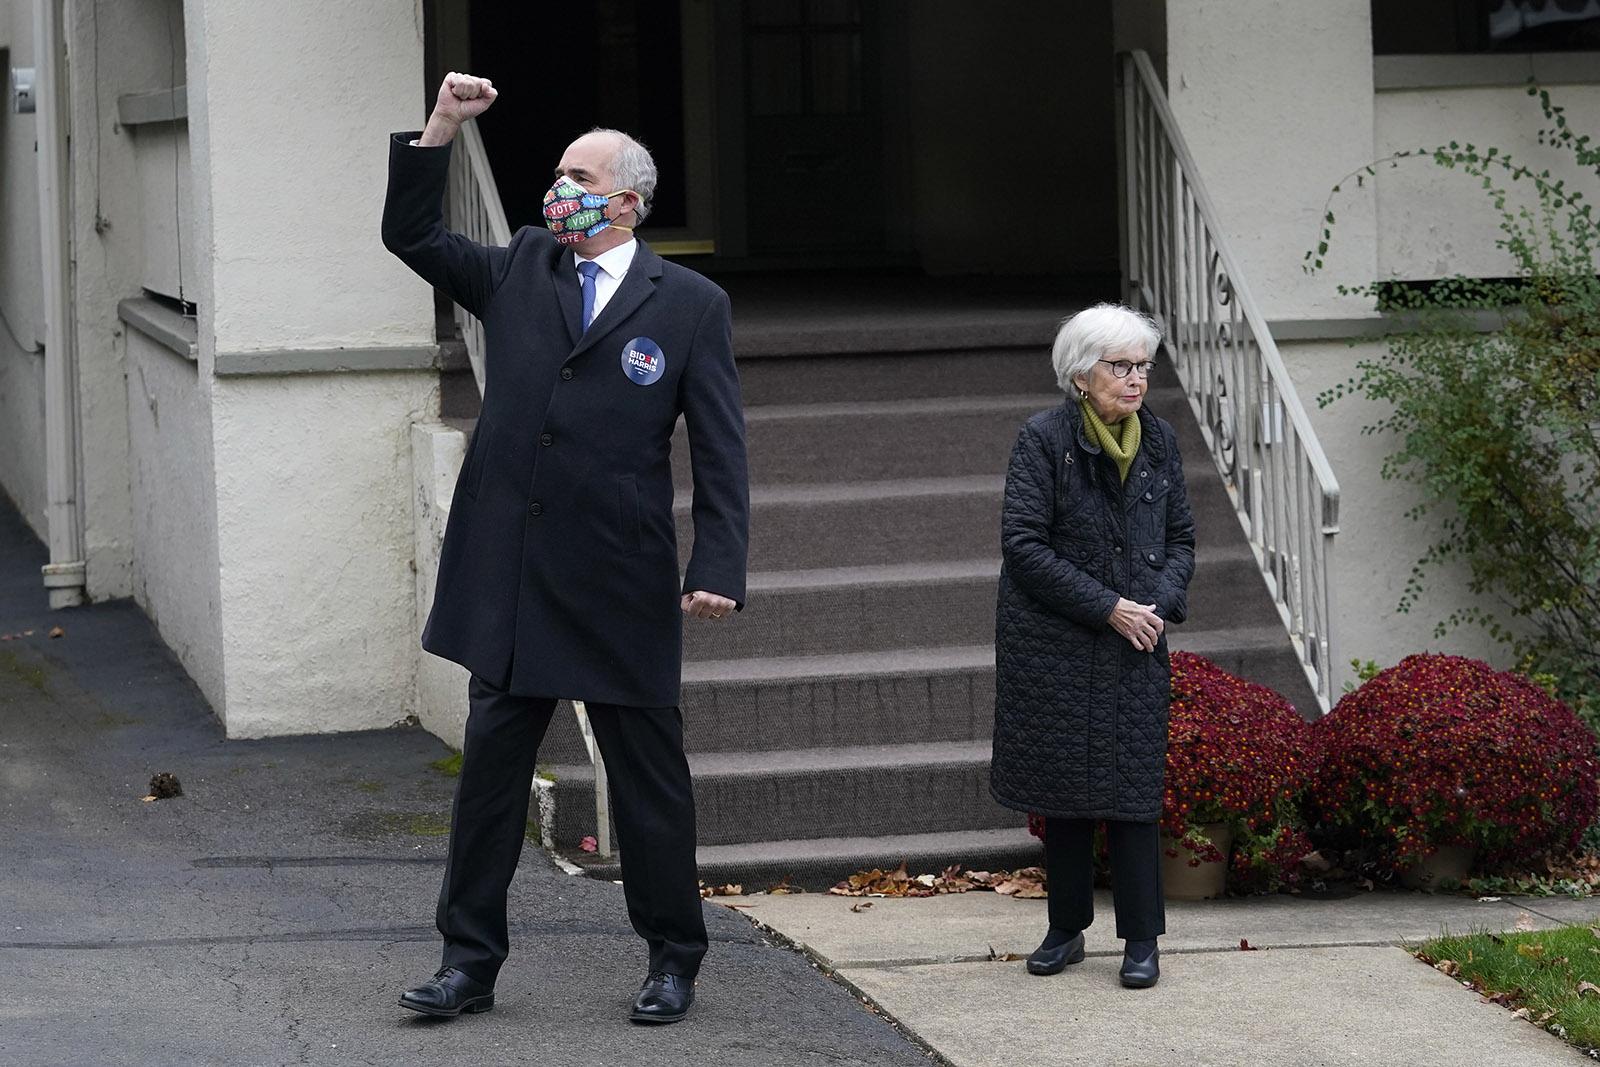 Sen. Bob Casey gestures while standing with his mother, Ellen Harding Casey, in Scranton, Pennsylvania, on Tuesday, November 3.